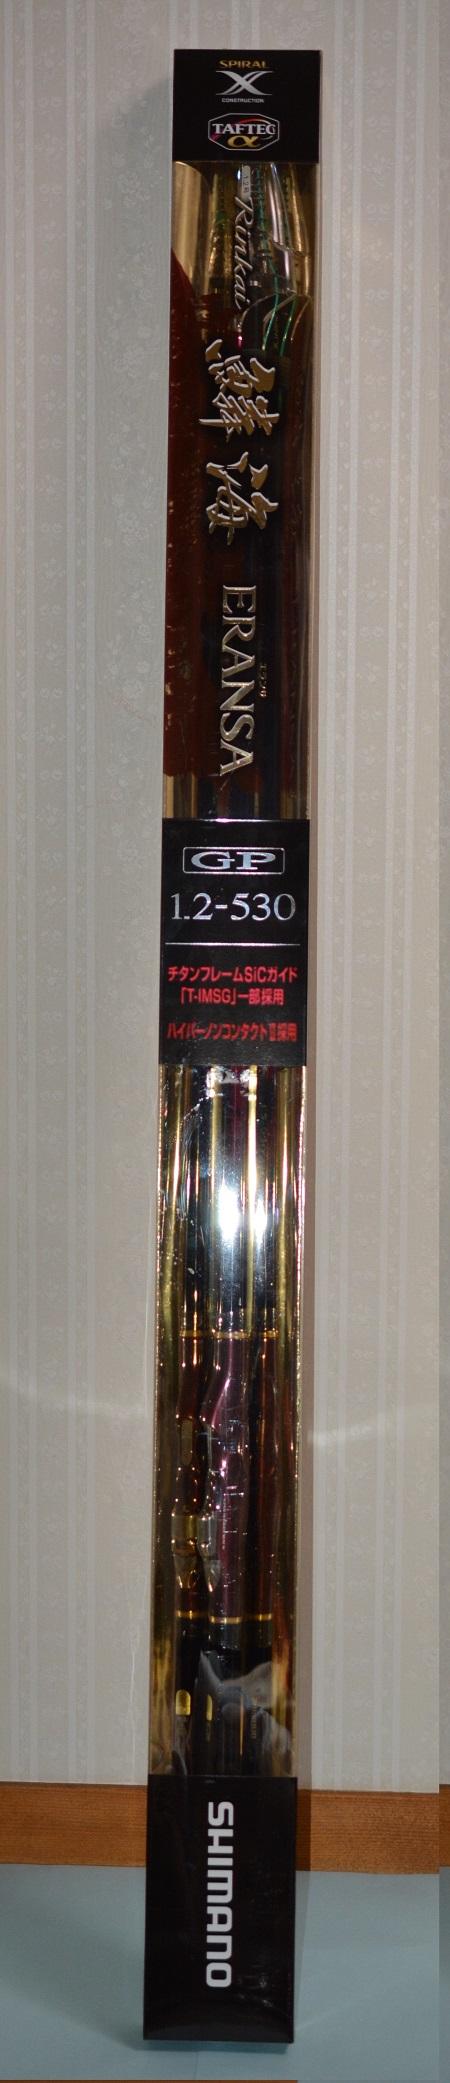 2014年03月22日 竿, 鱗海 ERANSA GP